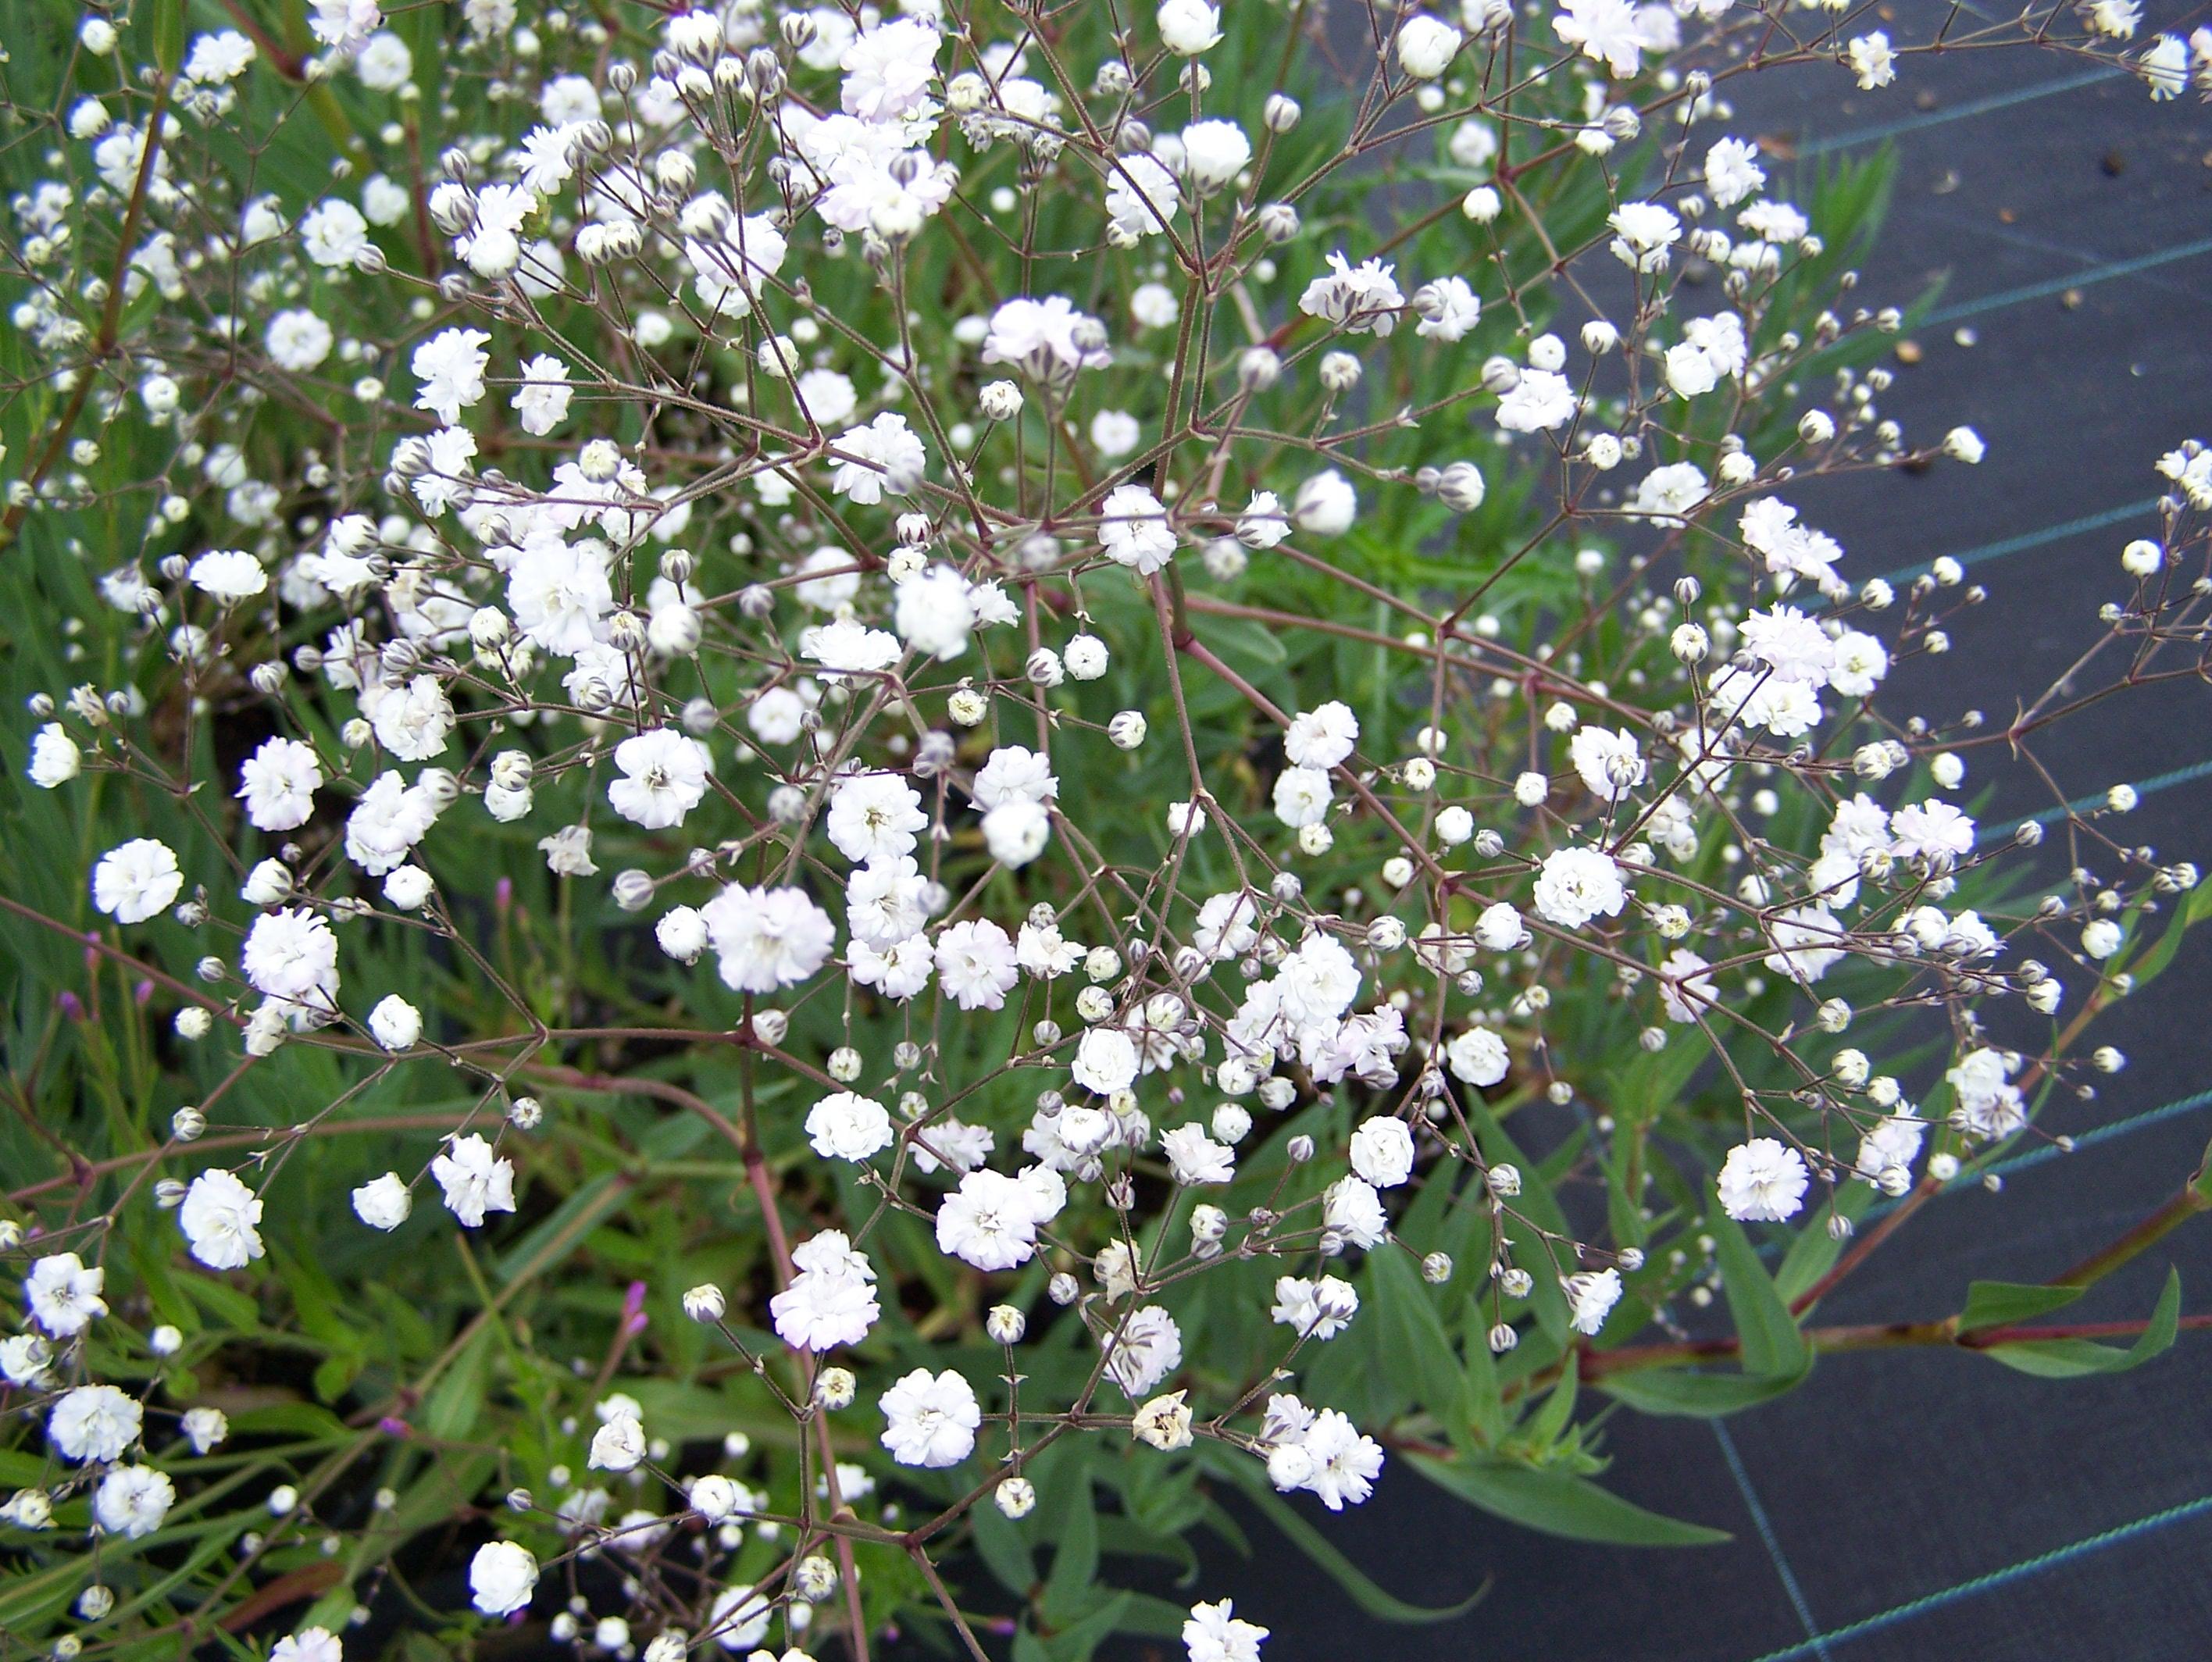 Gypsophilapaniculata